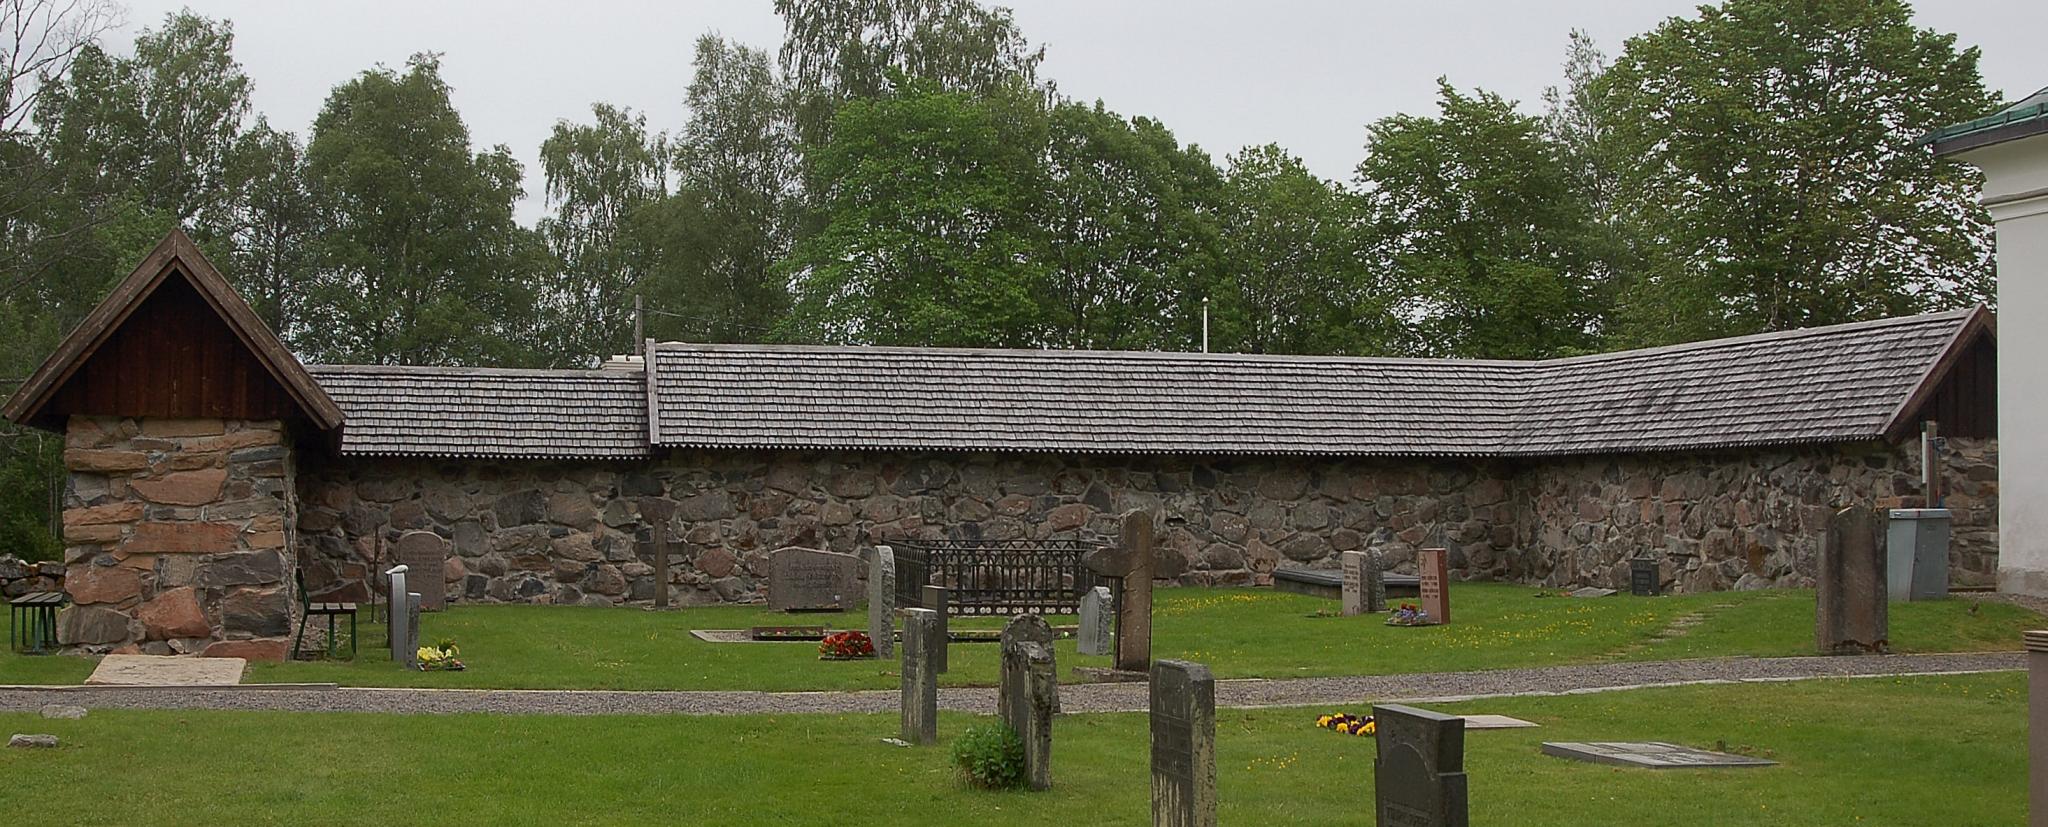 Fil:Lax, Ramundeboda kyrka - KMB - Wikipedia